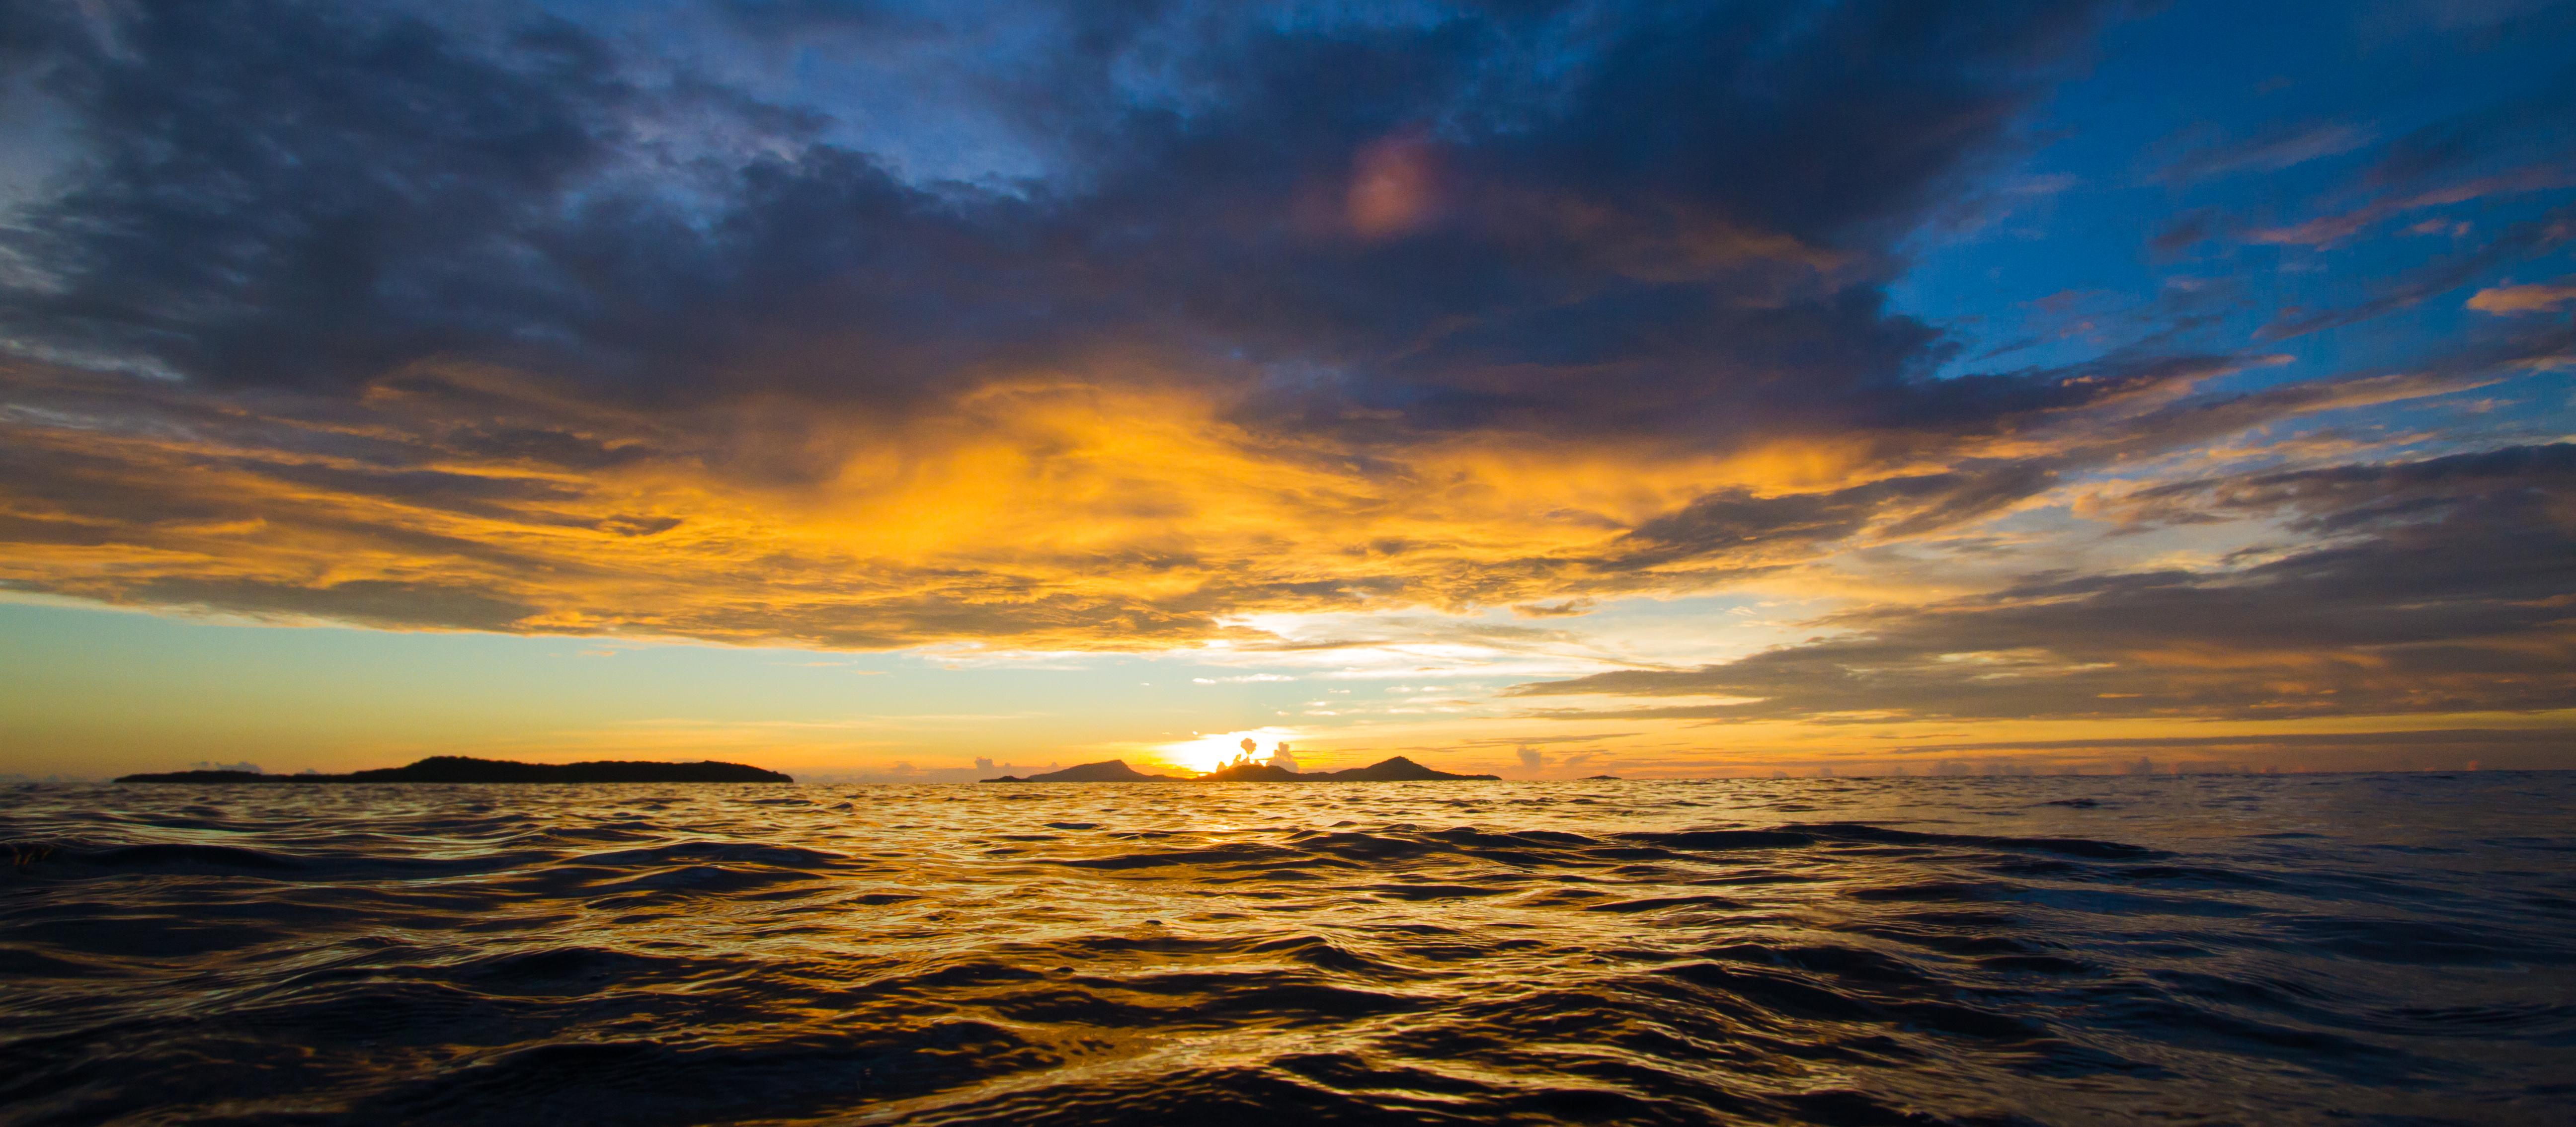 Truk Lagoon Sunset